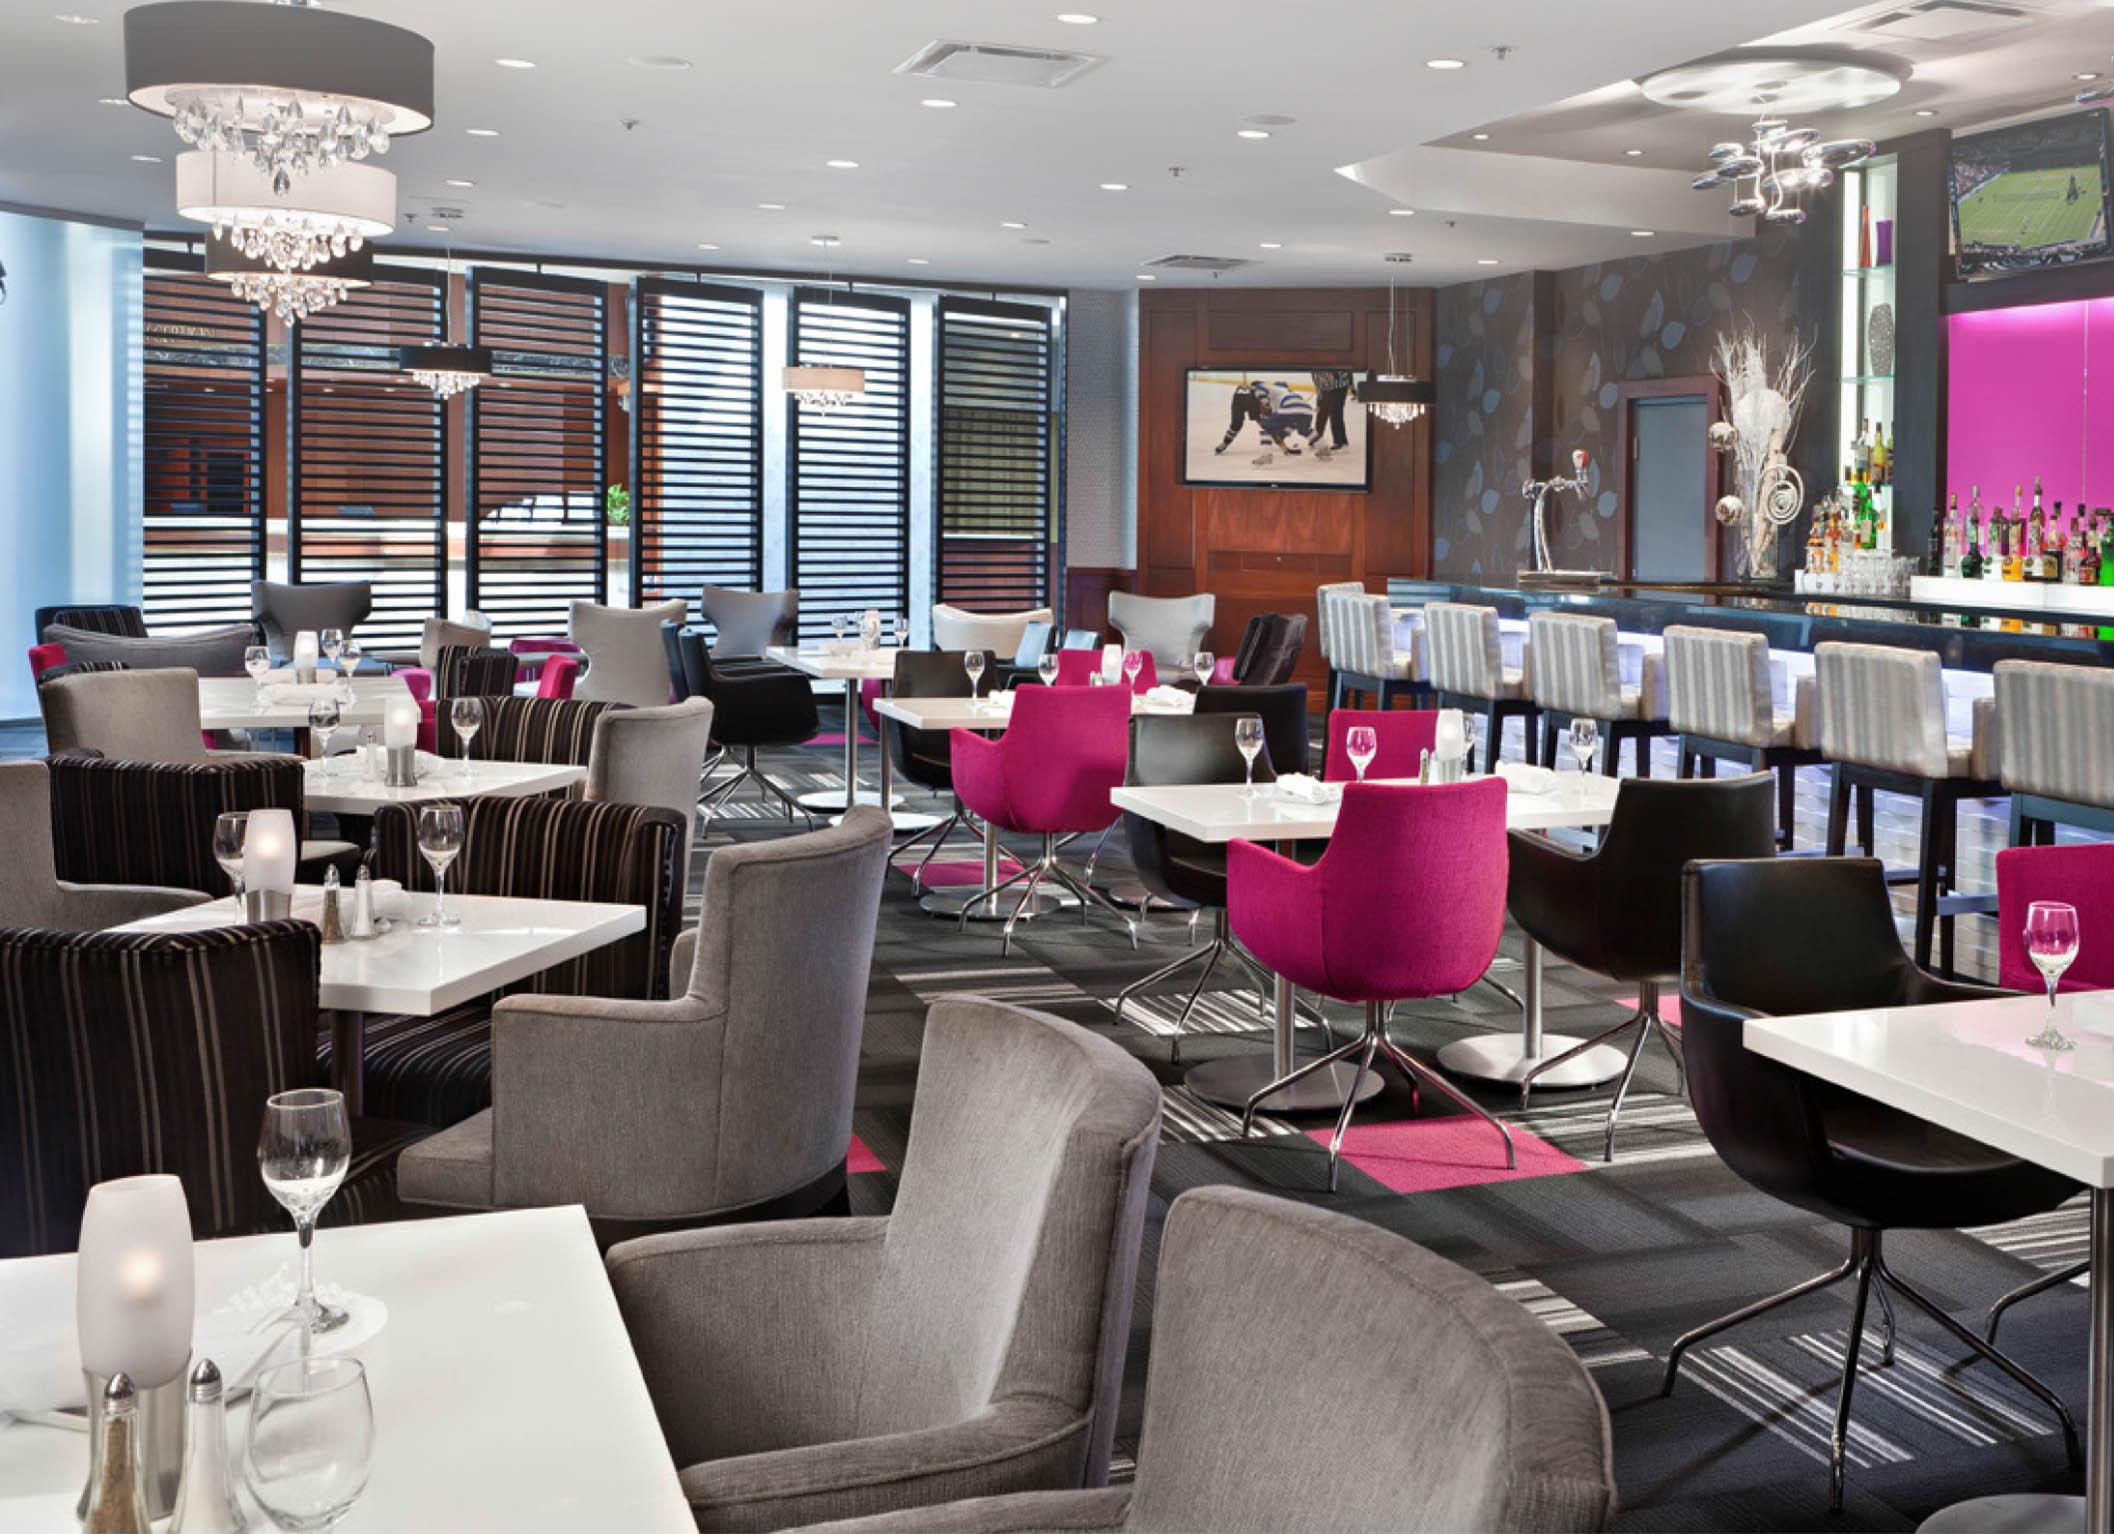 Hotels environments